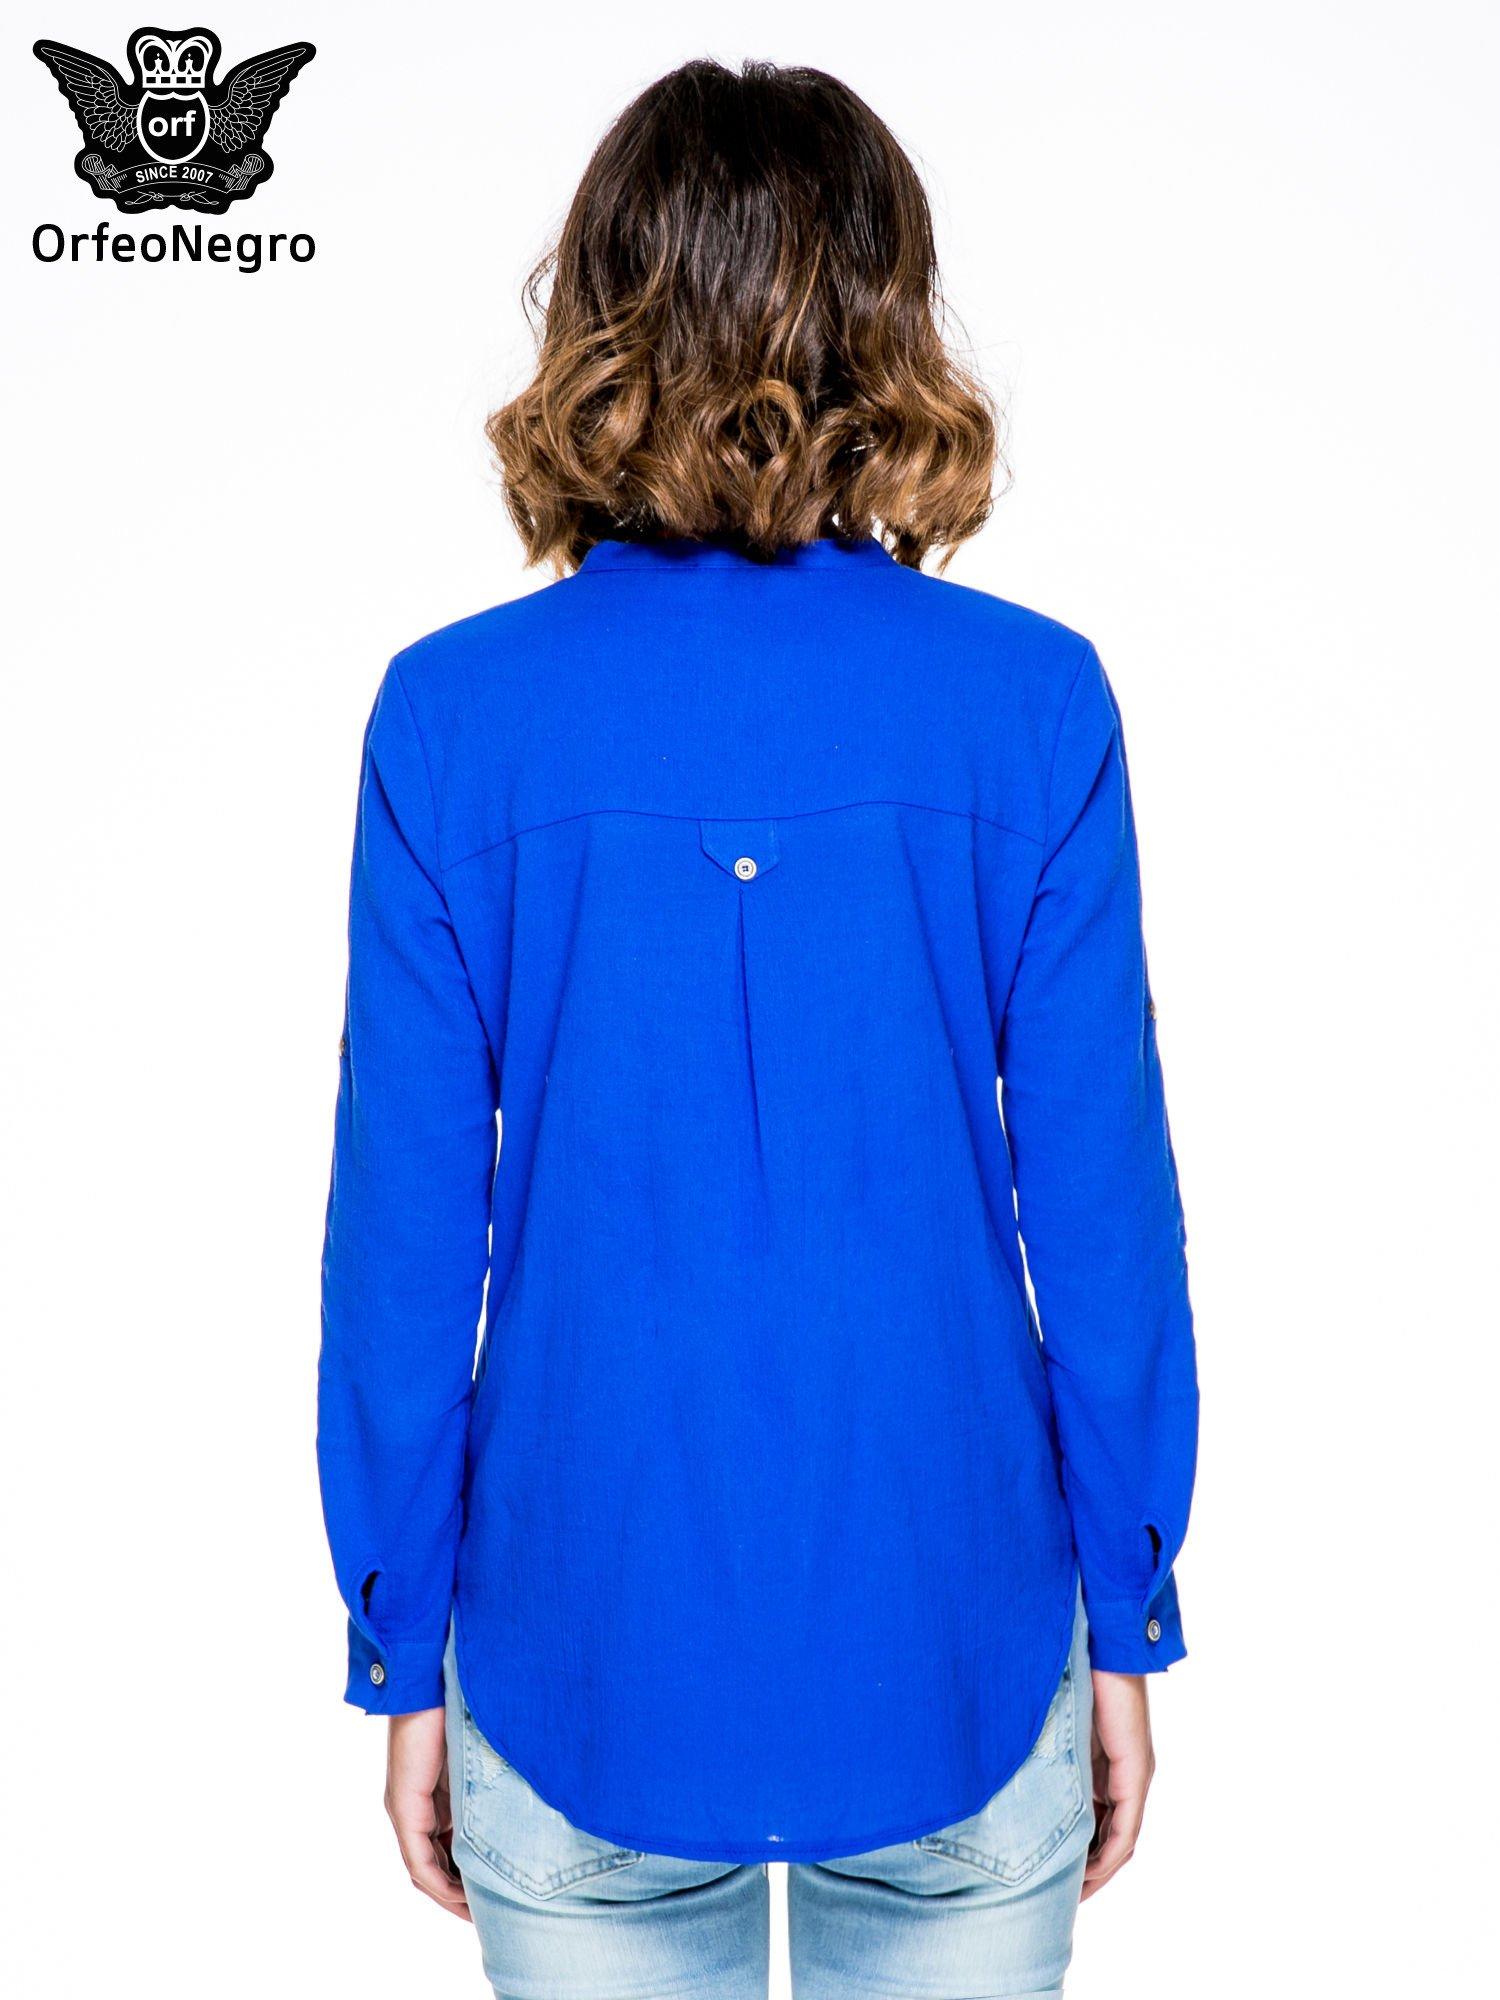 Niebieska koszula z ażurowaniem na górze i kieszonką                                  zdj.                                  4